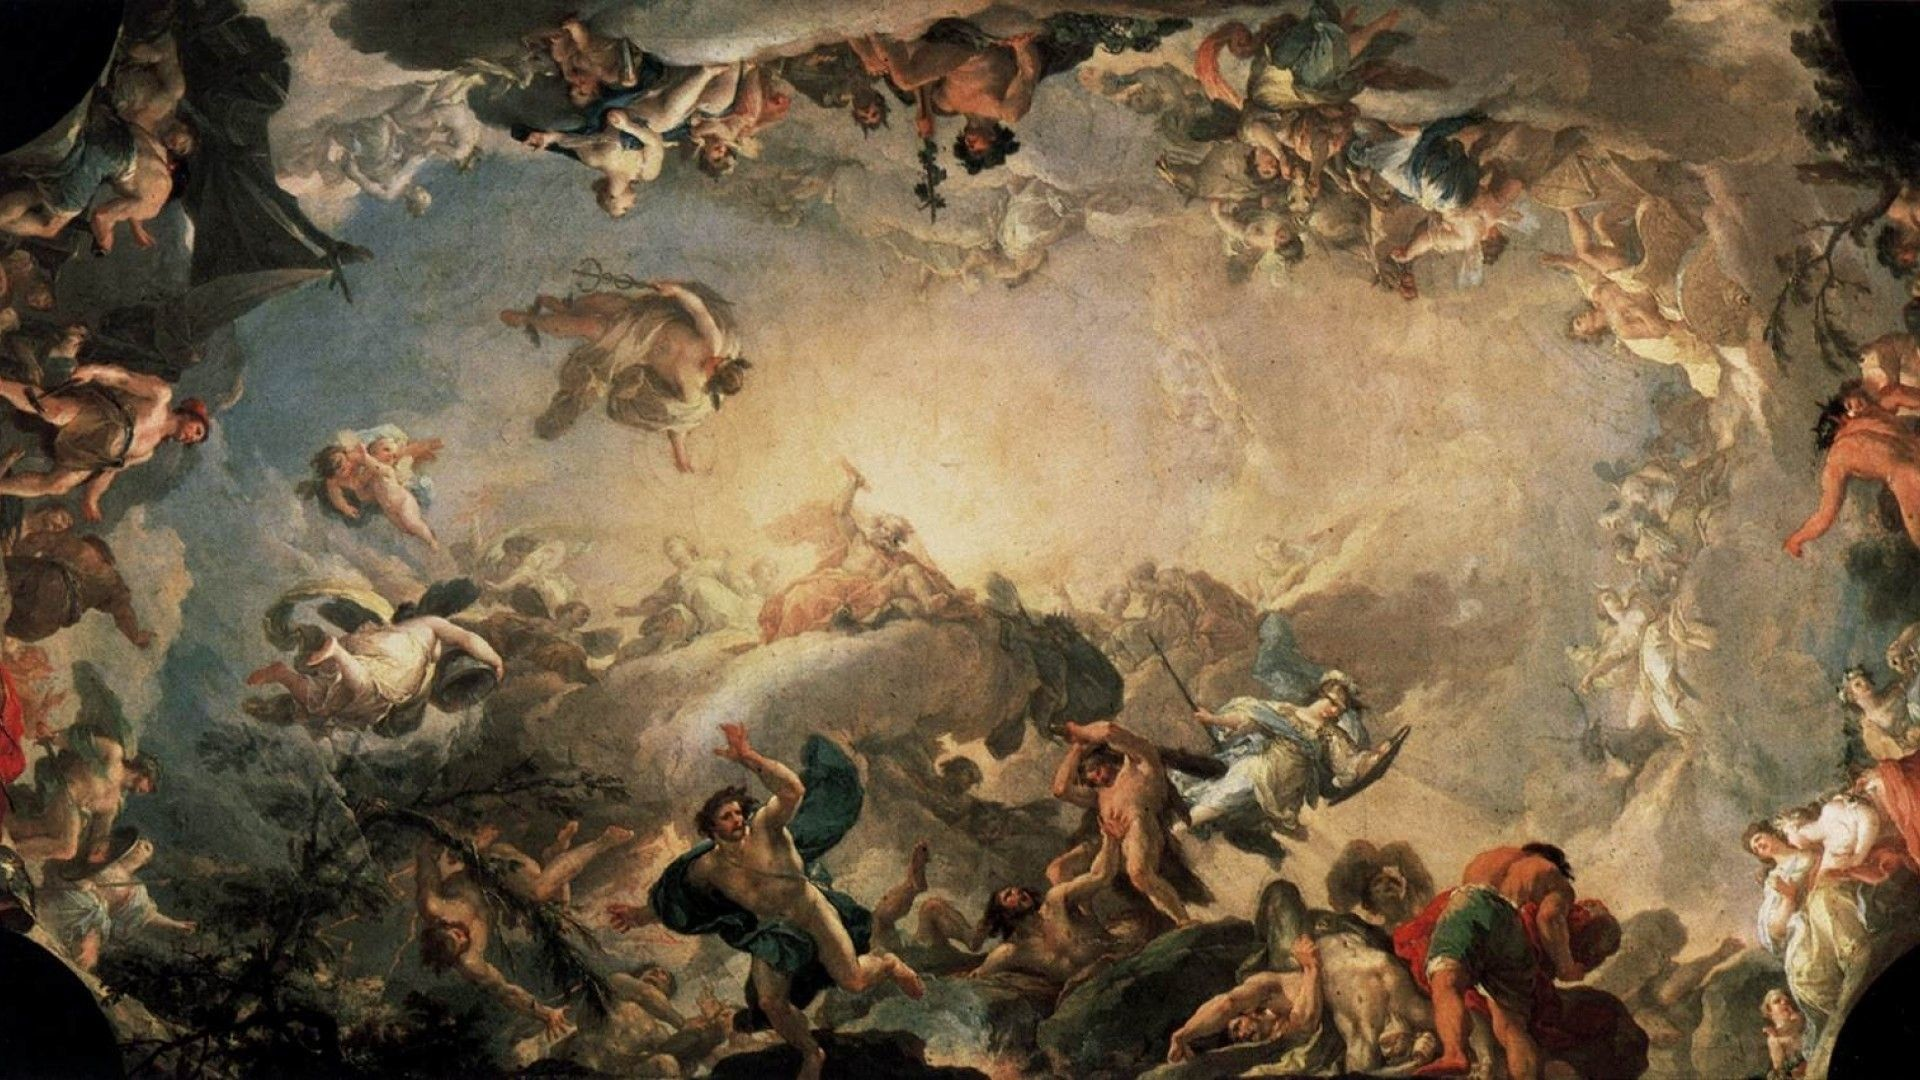 Mitoloji Nedir? | Mitoloji Nasıl Ortaya Çıkmıştır?